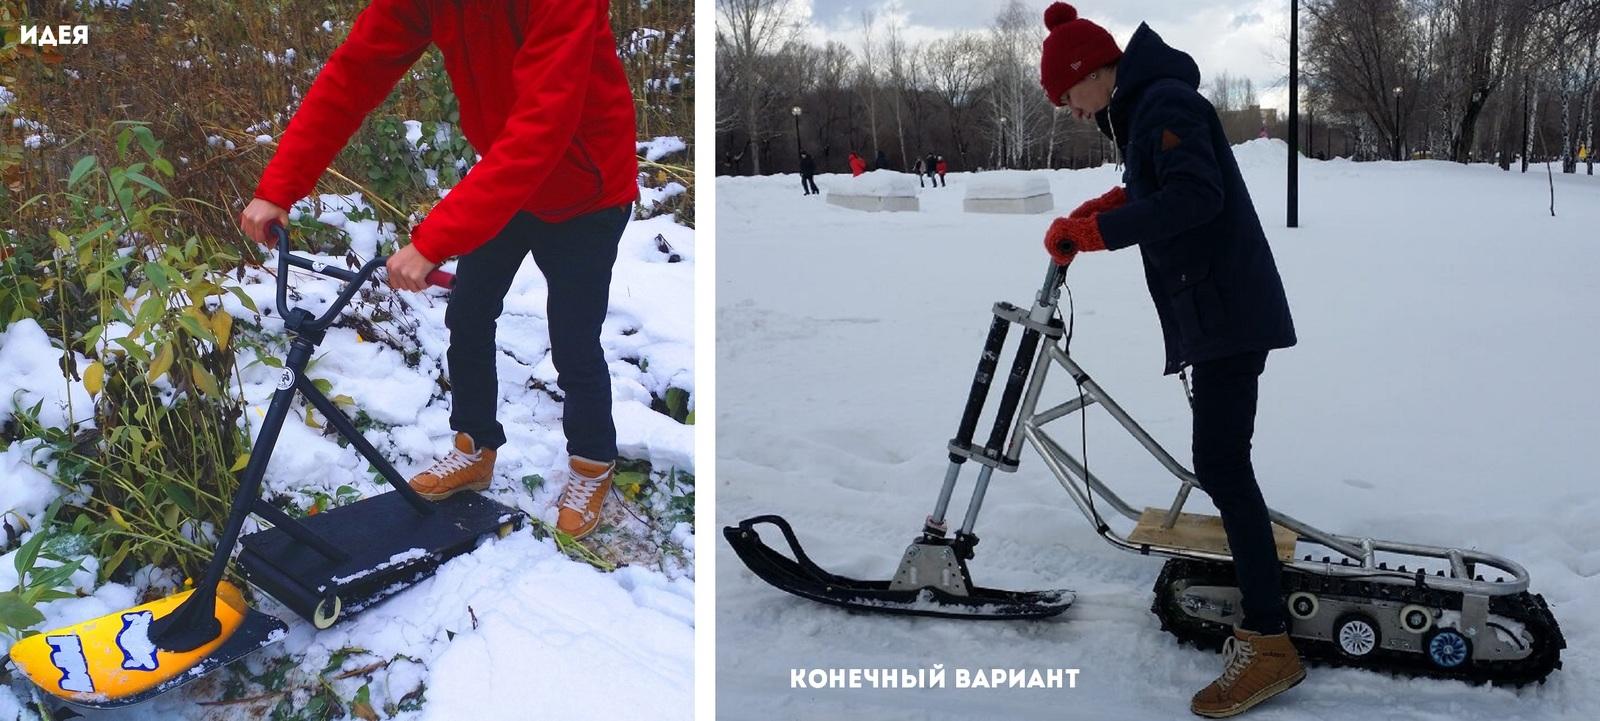 Буксировщике лыжника своими руками фото 679